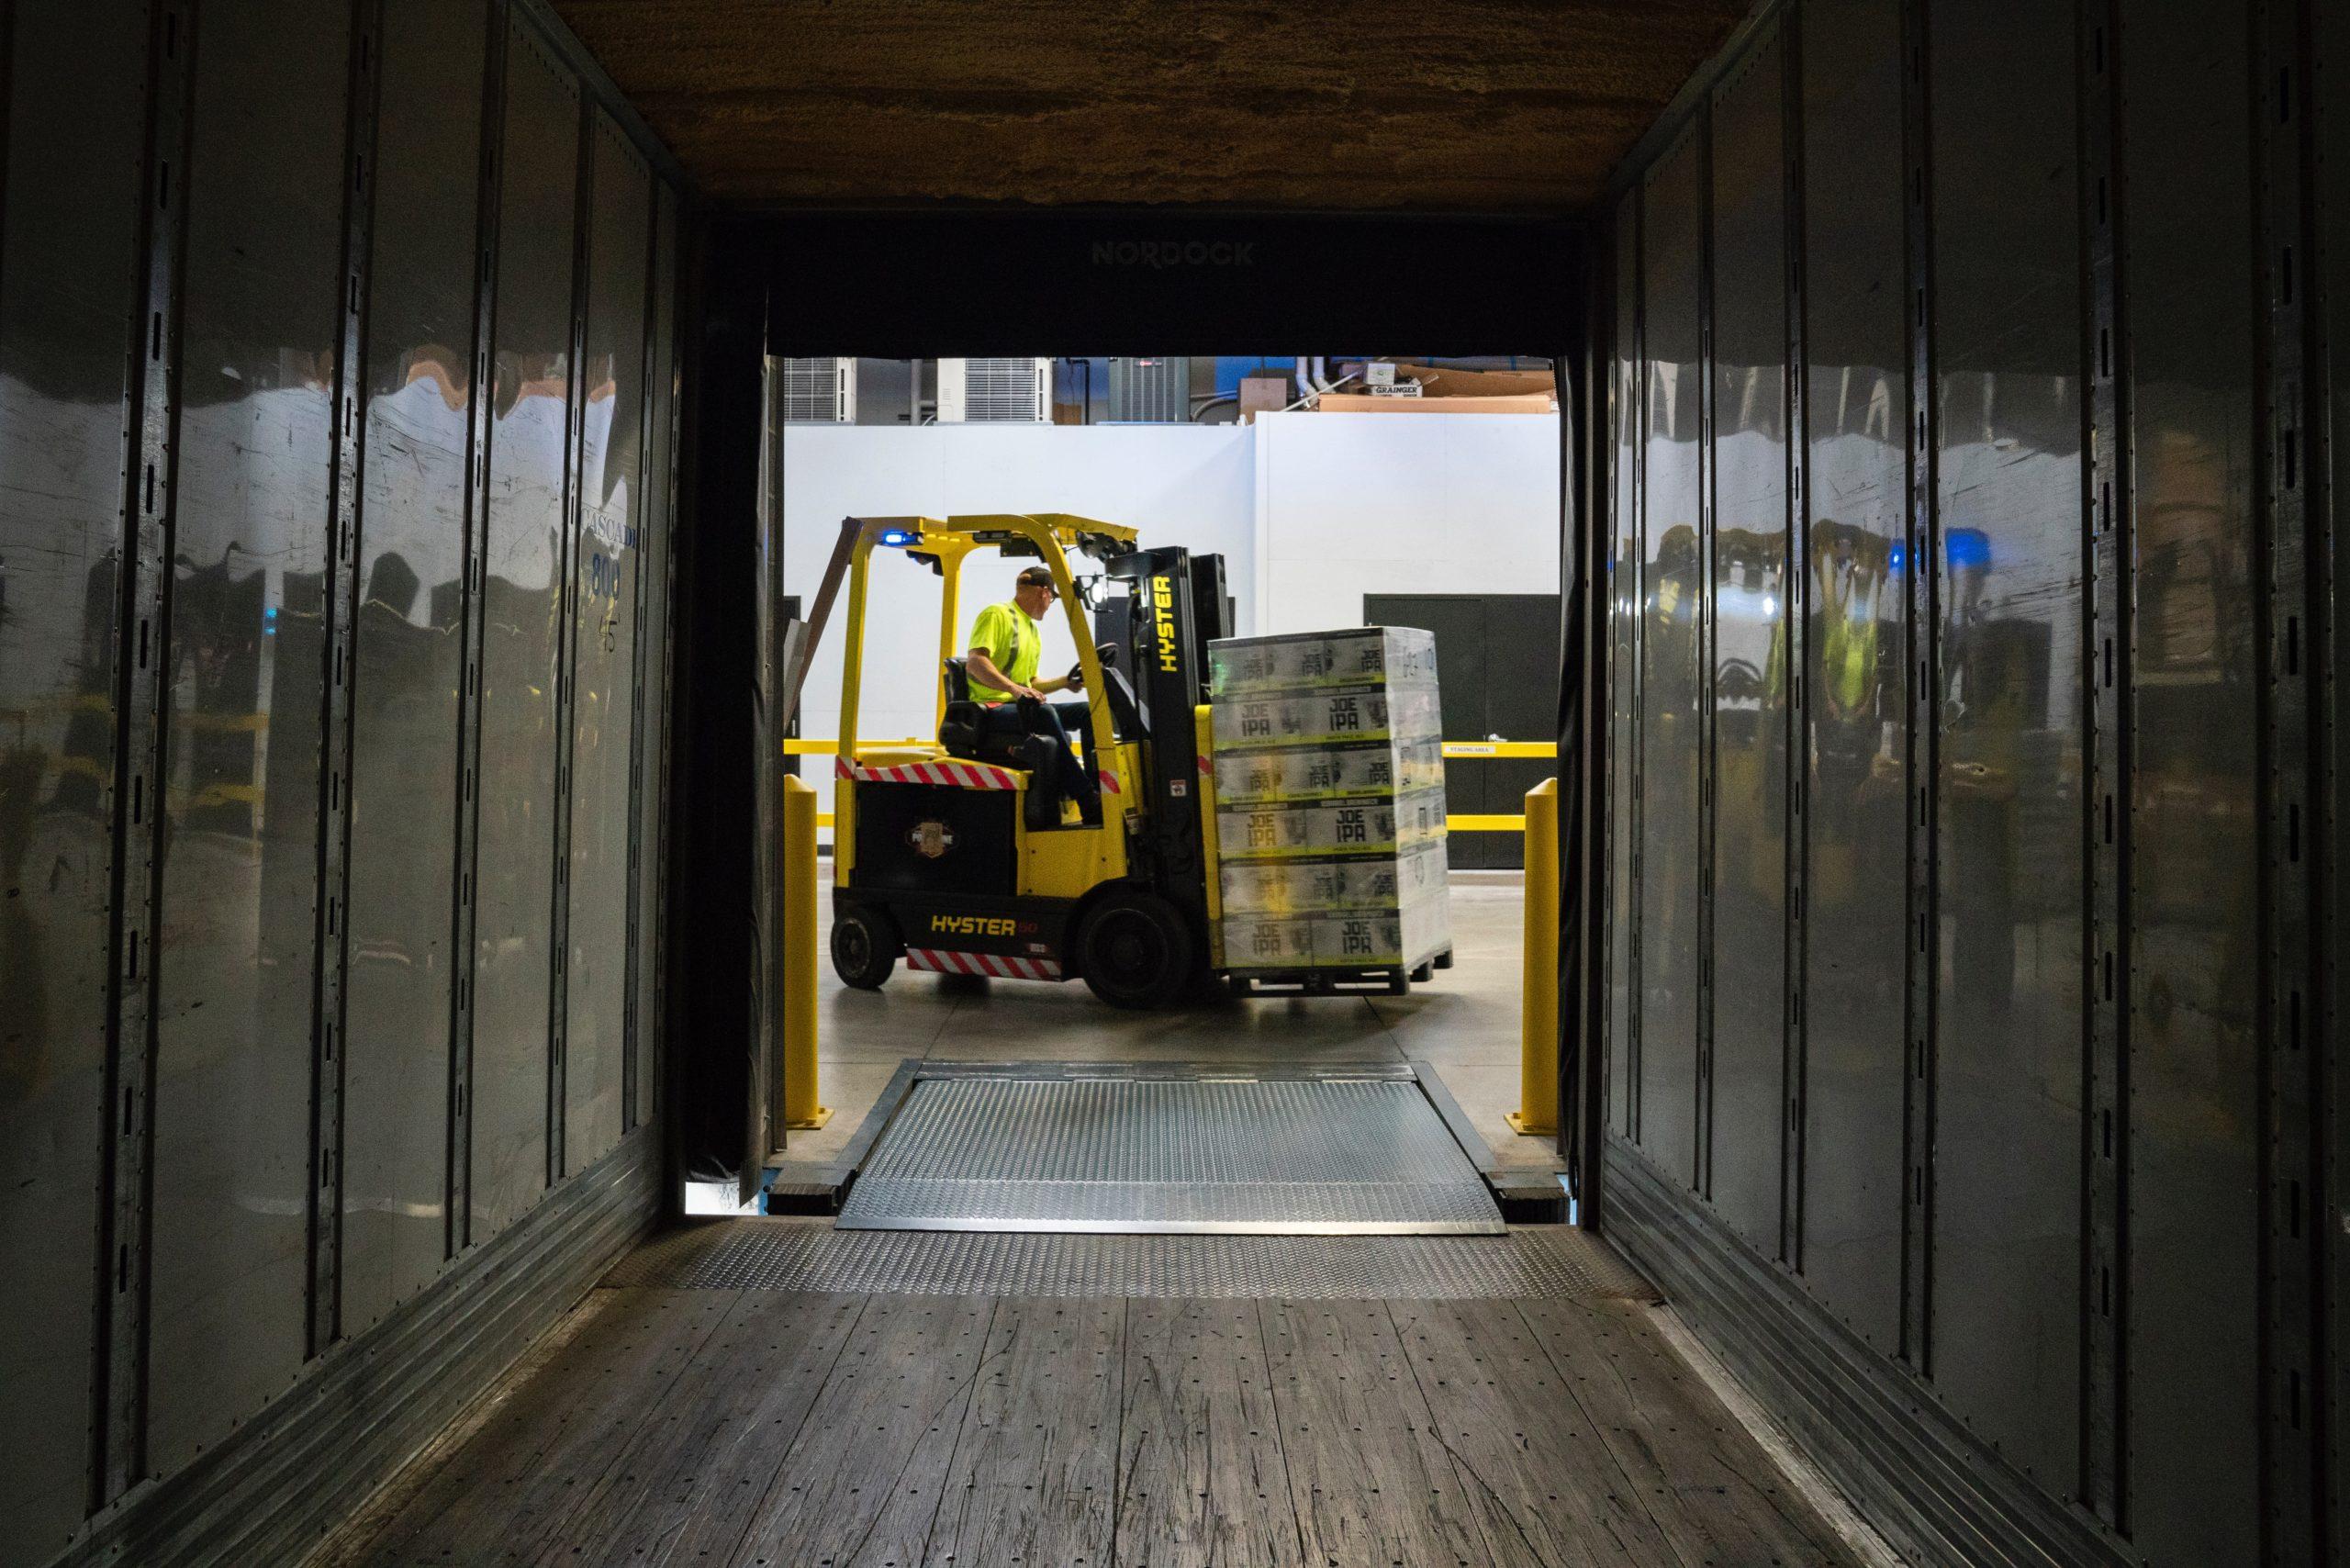 Ekspres Vikar, try&hire, mand kører gaffeltruck med palle ind i container